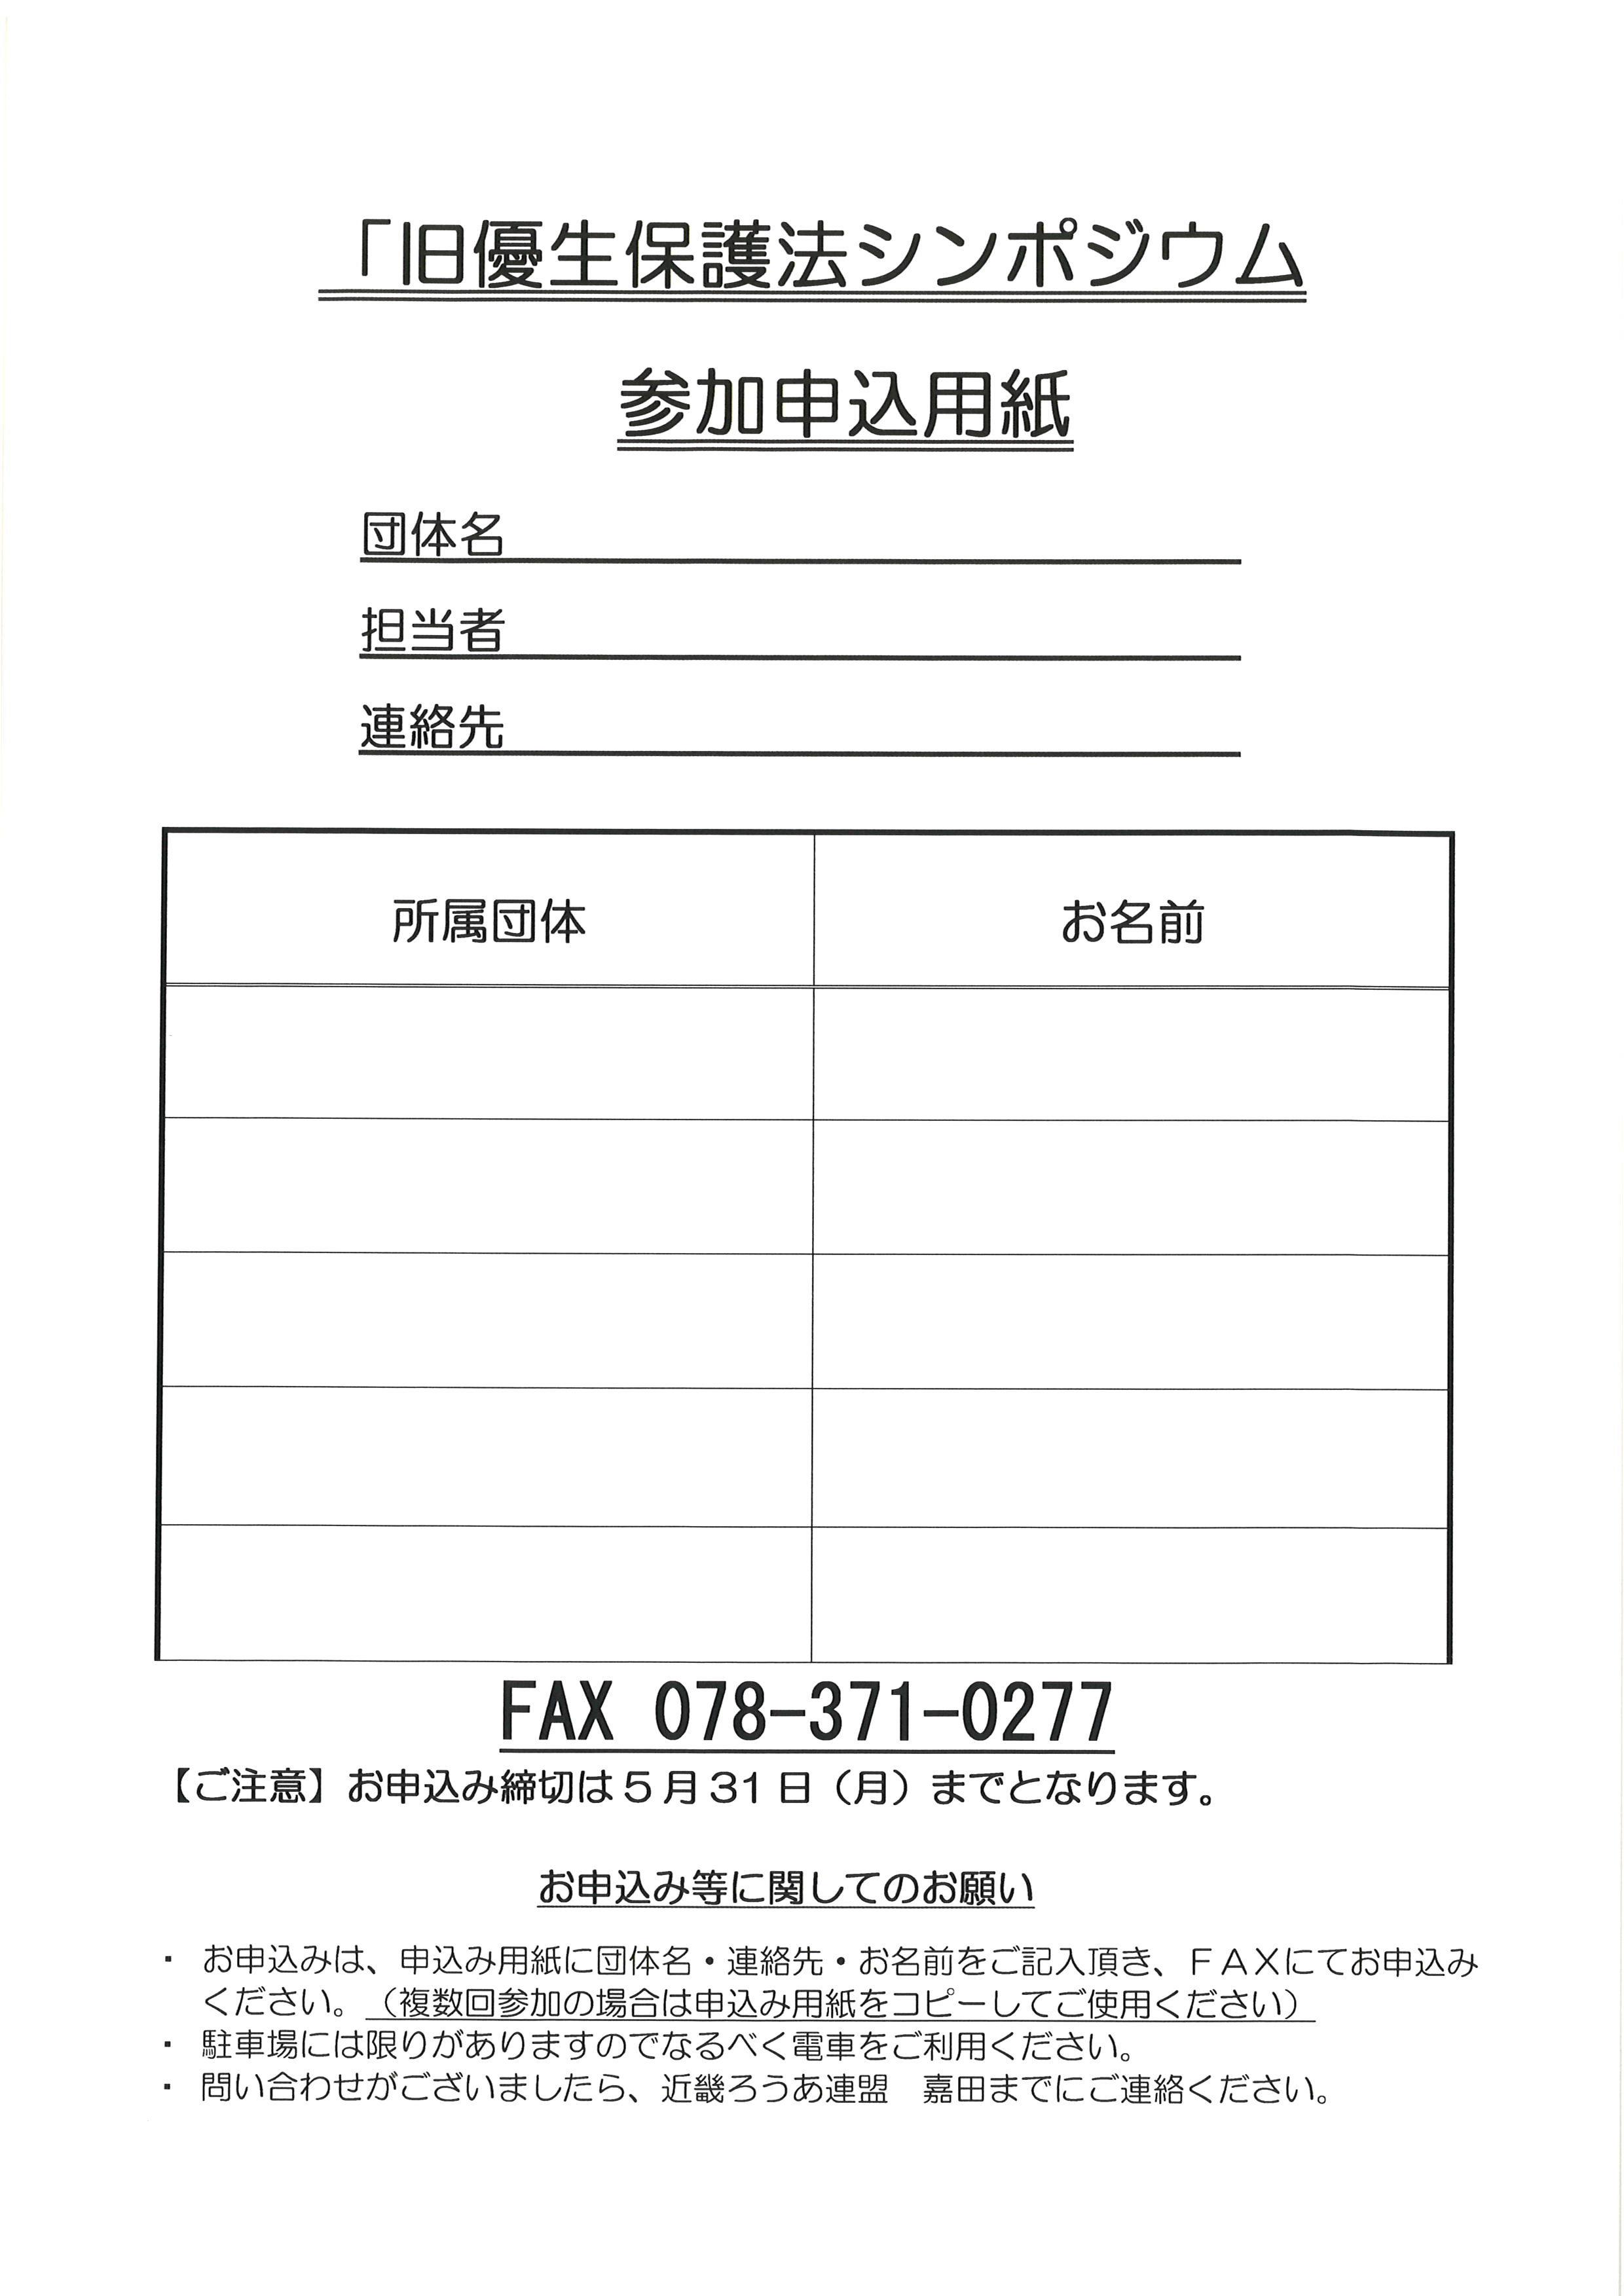 「旧優生保護法シンポジウム」開催のお知らせ_d0070316_08490589.jpg